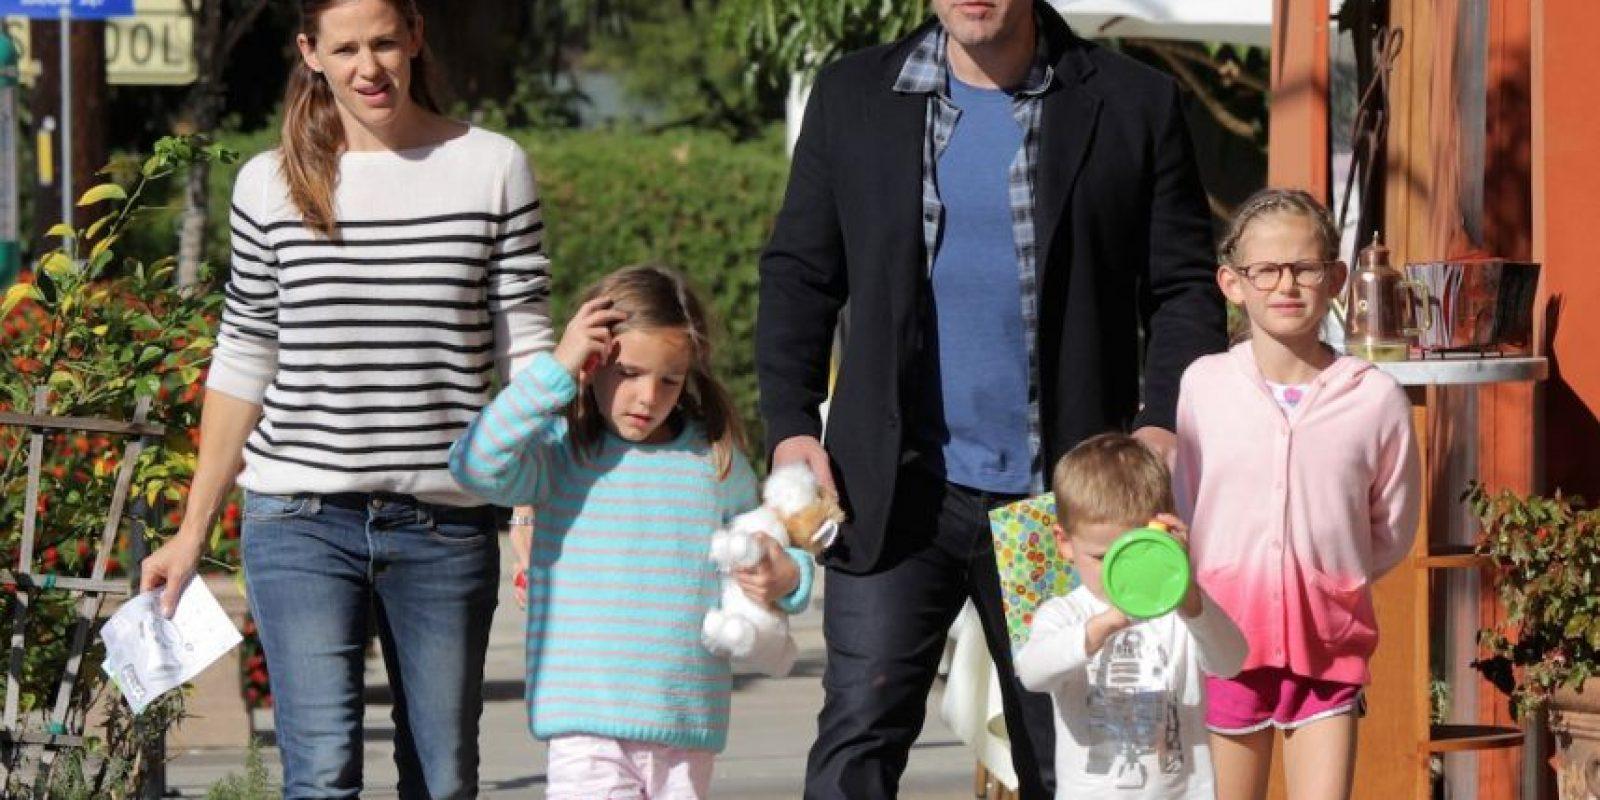 Y en los últimos meses se rumoró que habían regreso y que incluso Garner estaba embarazada. Foto:The Grosby Group